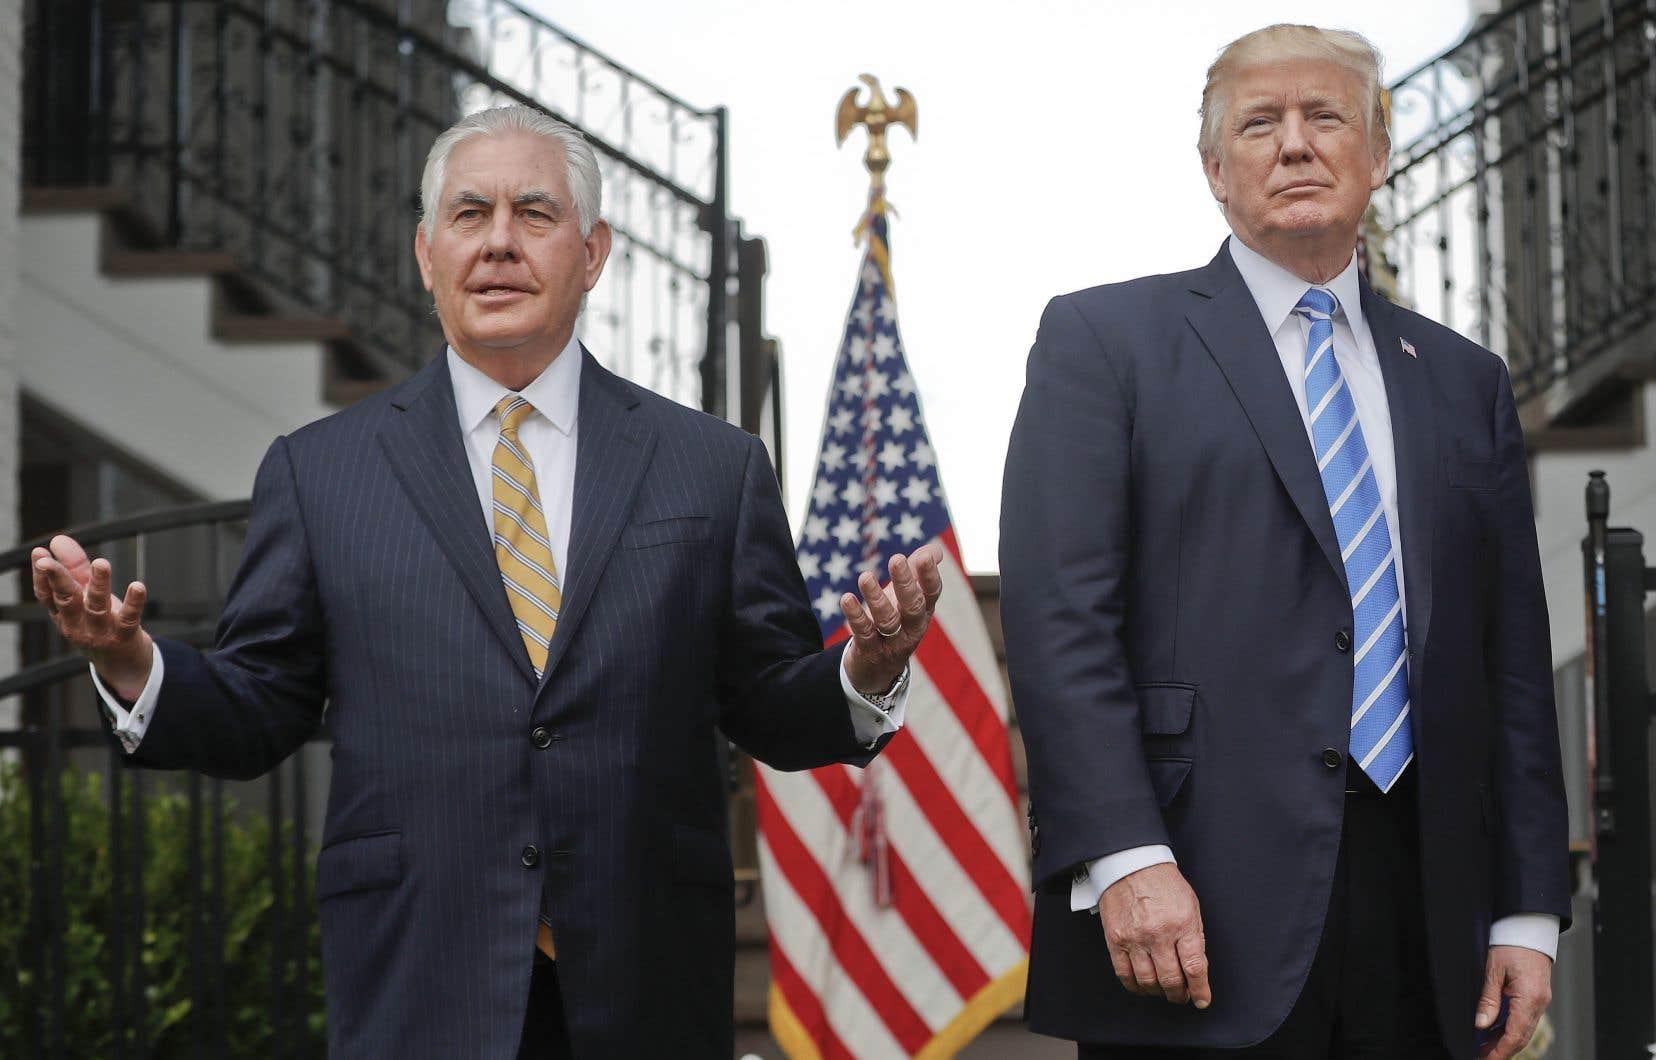 Selon la chaîne NBC News, le secrétaire d'État, Rex Tillerson, a qualifié le président américain, Donald Trump, de «débile» à la fin d'une réunion au Pentagone cet été.